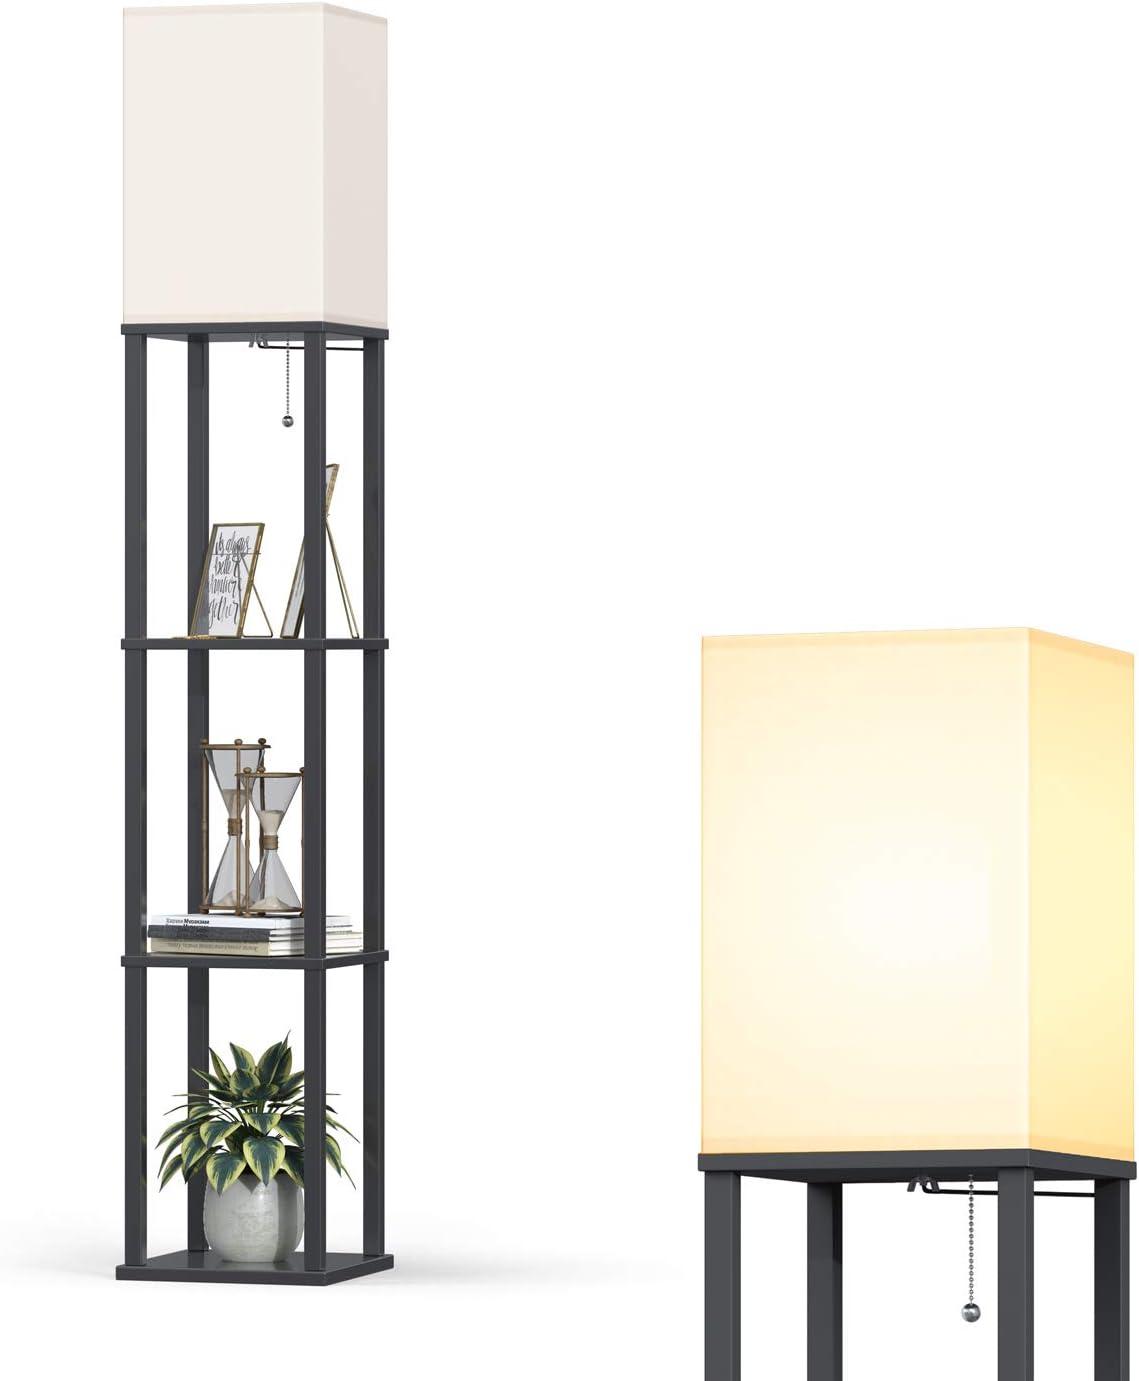 Addlon LED Modern Shelf Floor Lamp